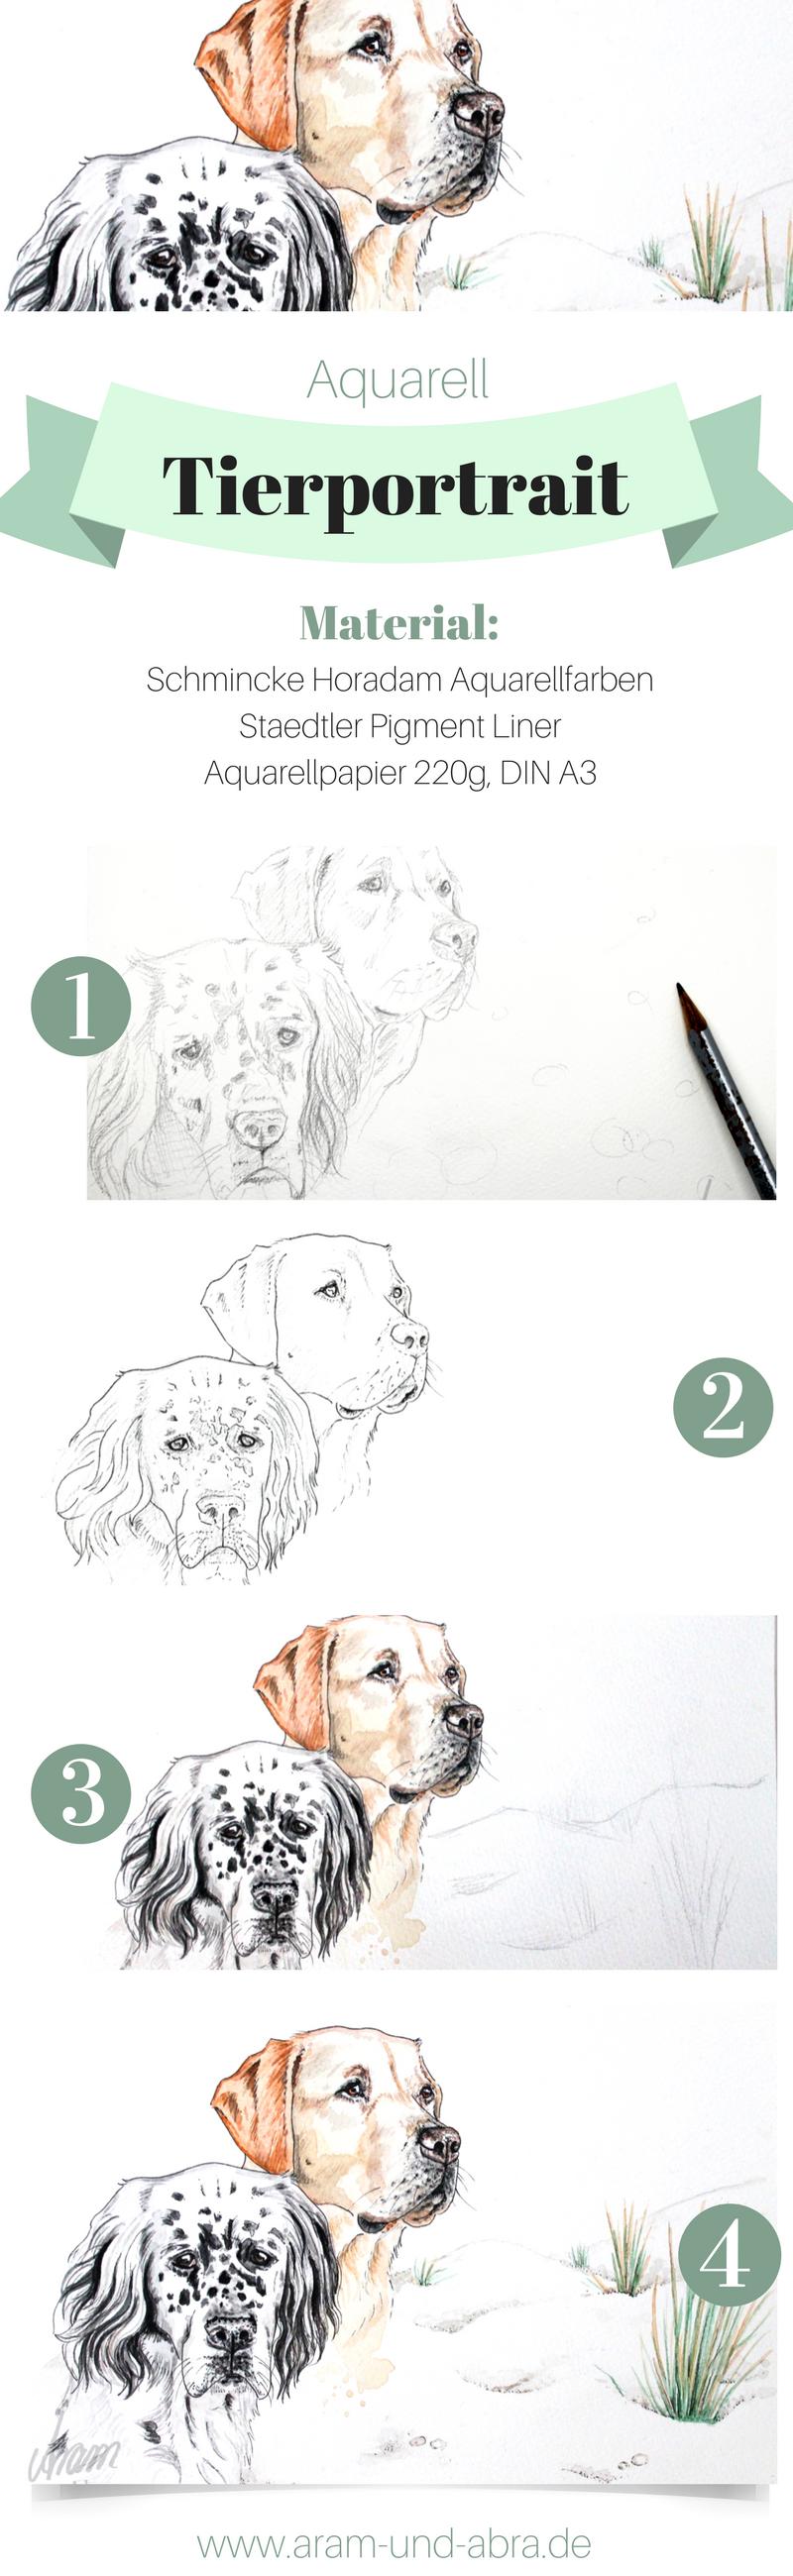 Hund malen lassen - Auftragsarbeiten bei Aram und Abra ...